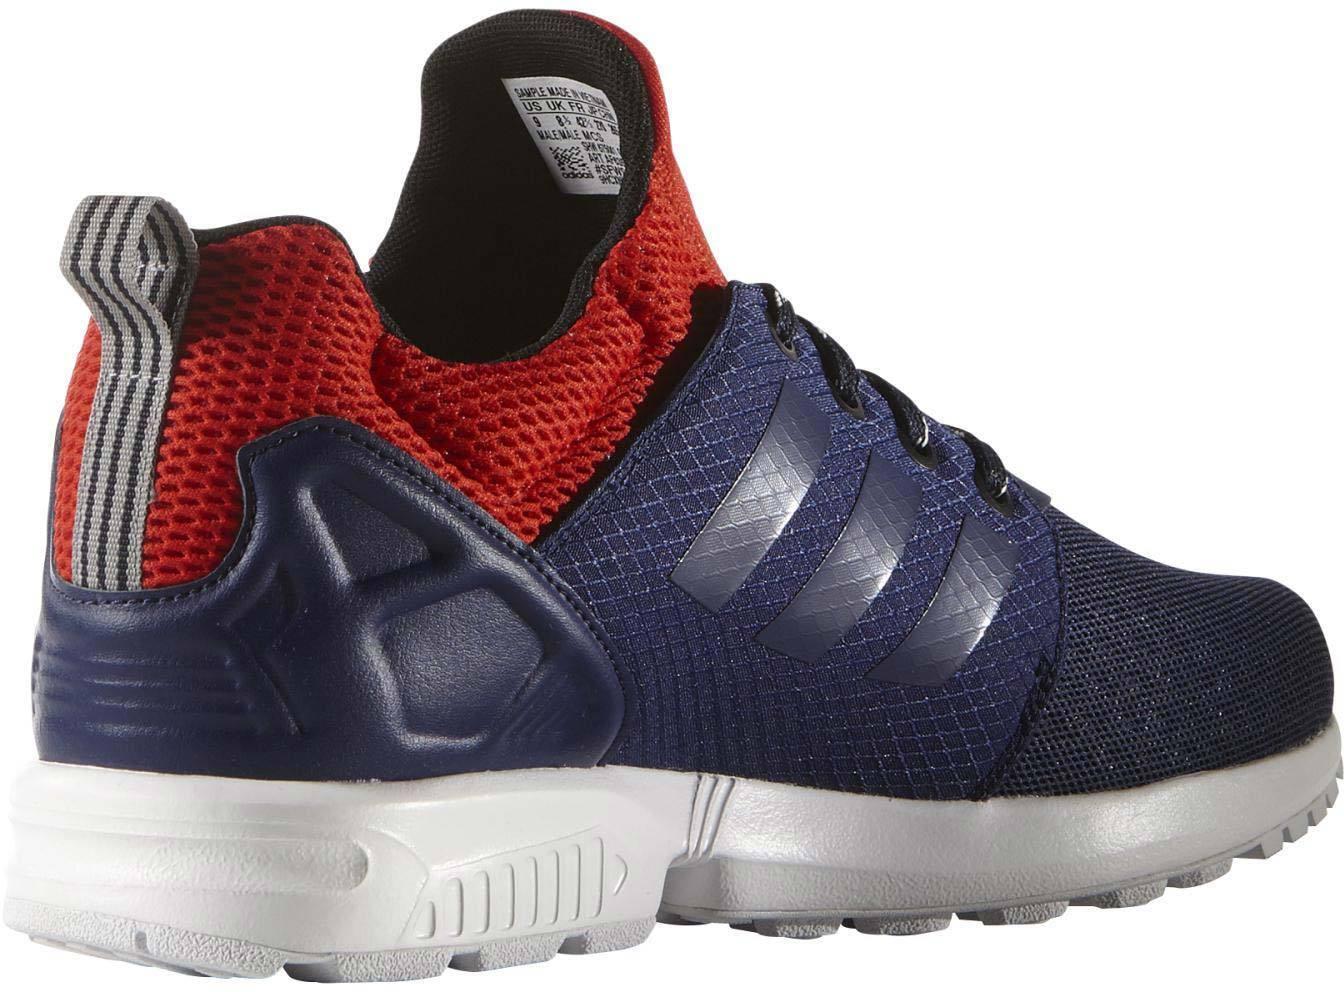 Los zapatos más populares para hombres y mujeres ADIDAS ORIGINALS ZX FLUX NPS UPDT - BASKET ref AF6352 -Édition limitée